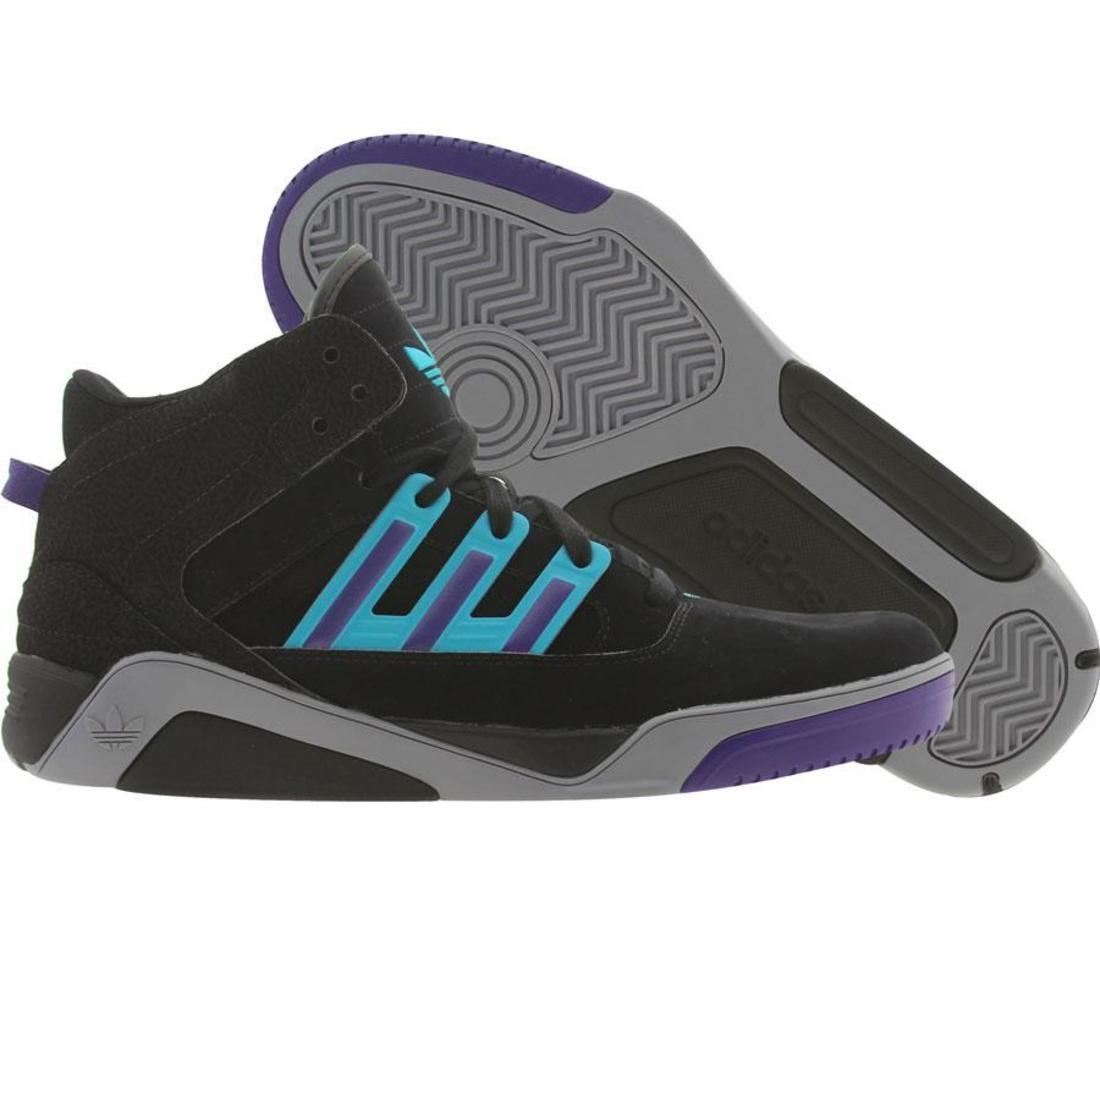 【海外限定】アディダス カウント テック GRAY灰色 グレイ メンズ靴 靴 【 ADIDAS GREY COURT BLAZE LQC BLACK TECH LAB GREEN 】